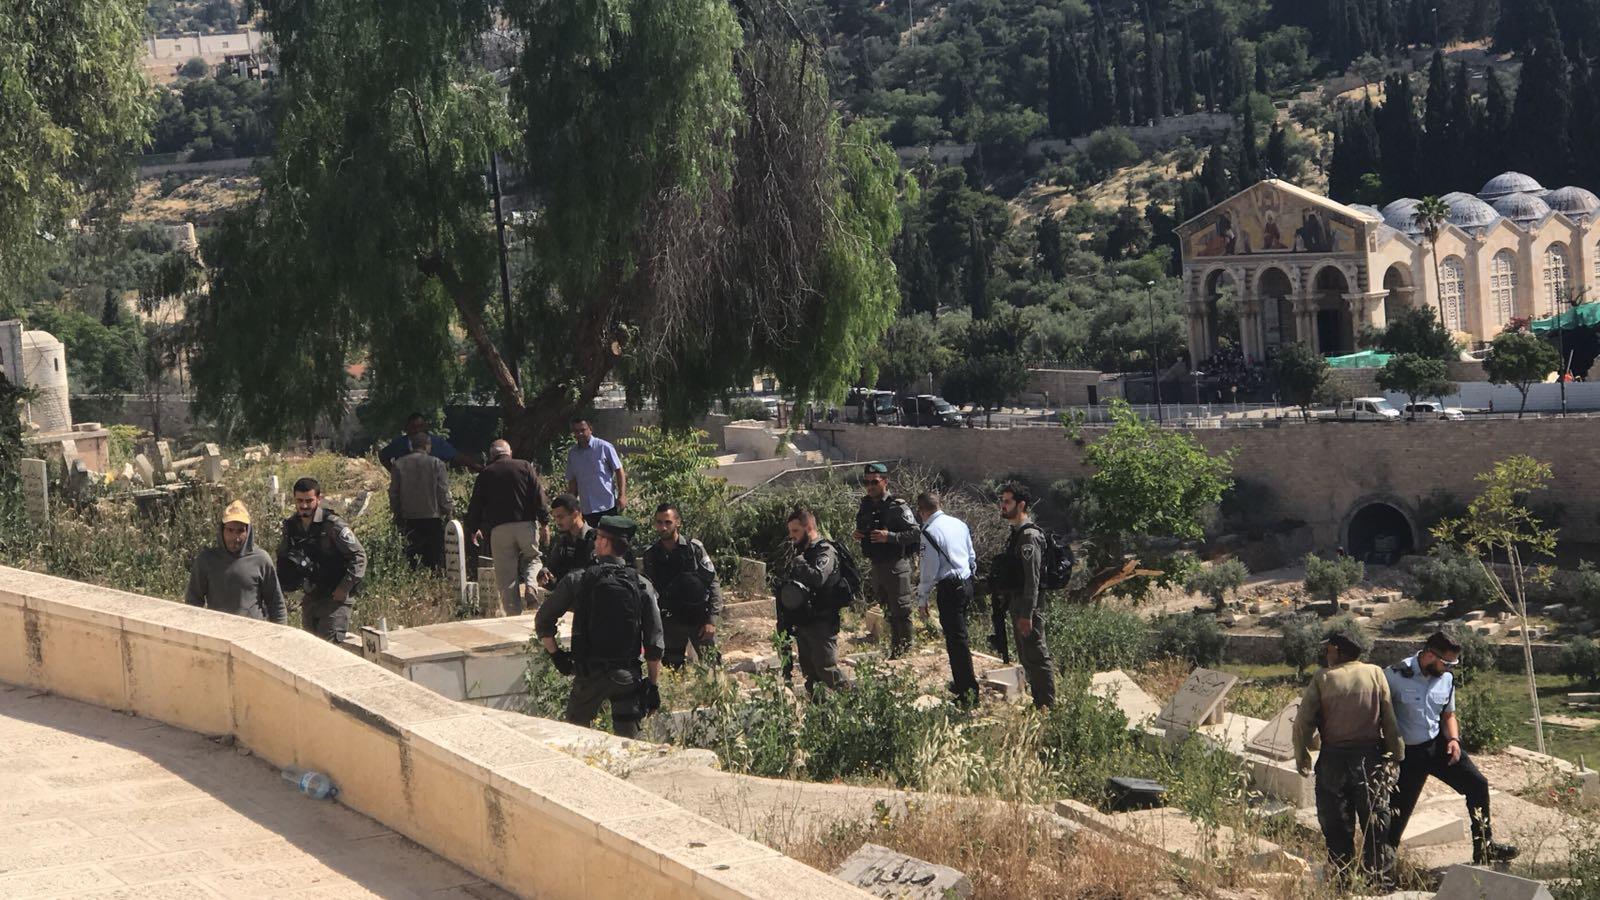 مقدسيون يتصدون لاقتحام الاحتلال لمقبرة الرحمة